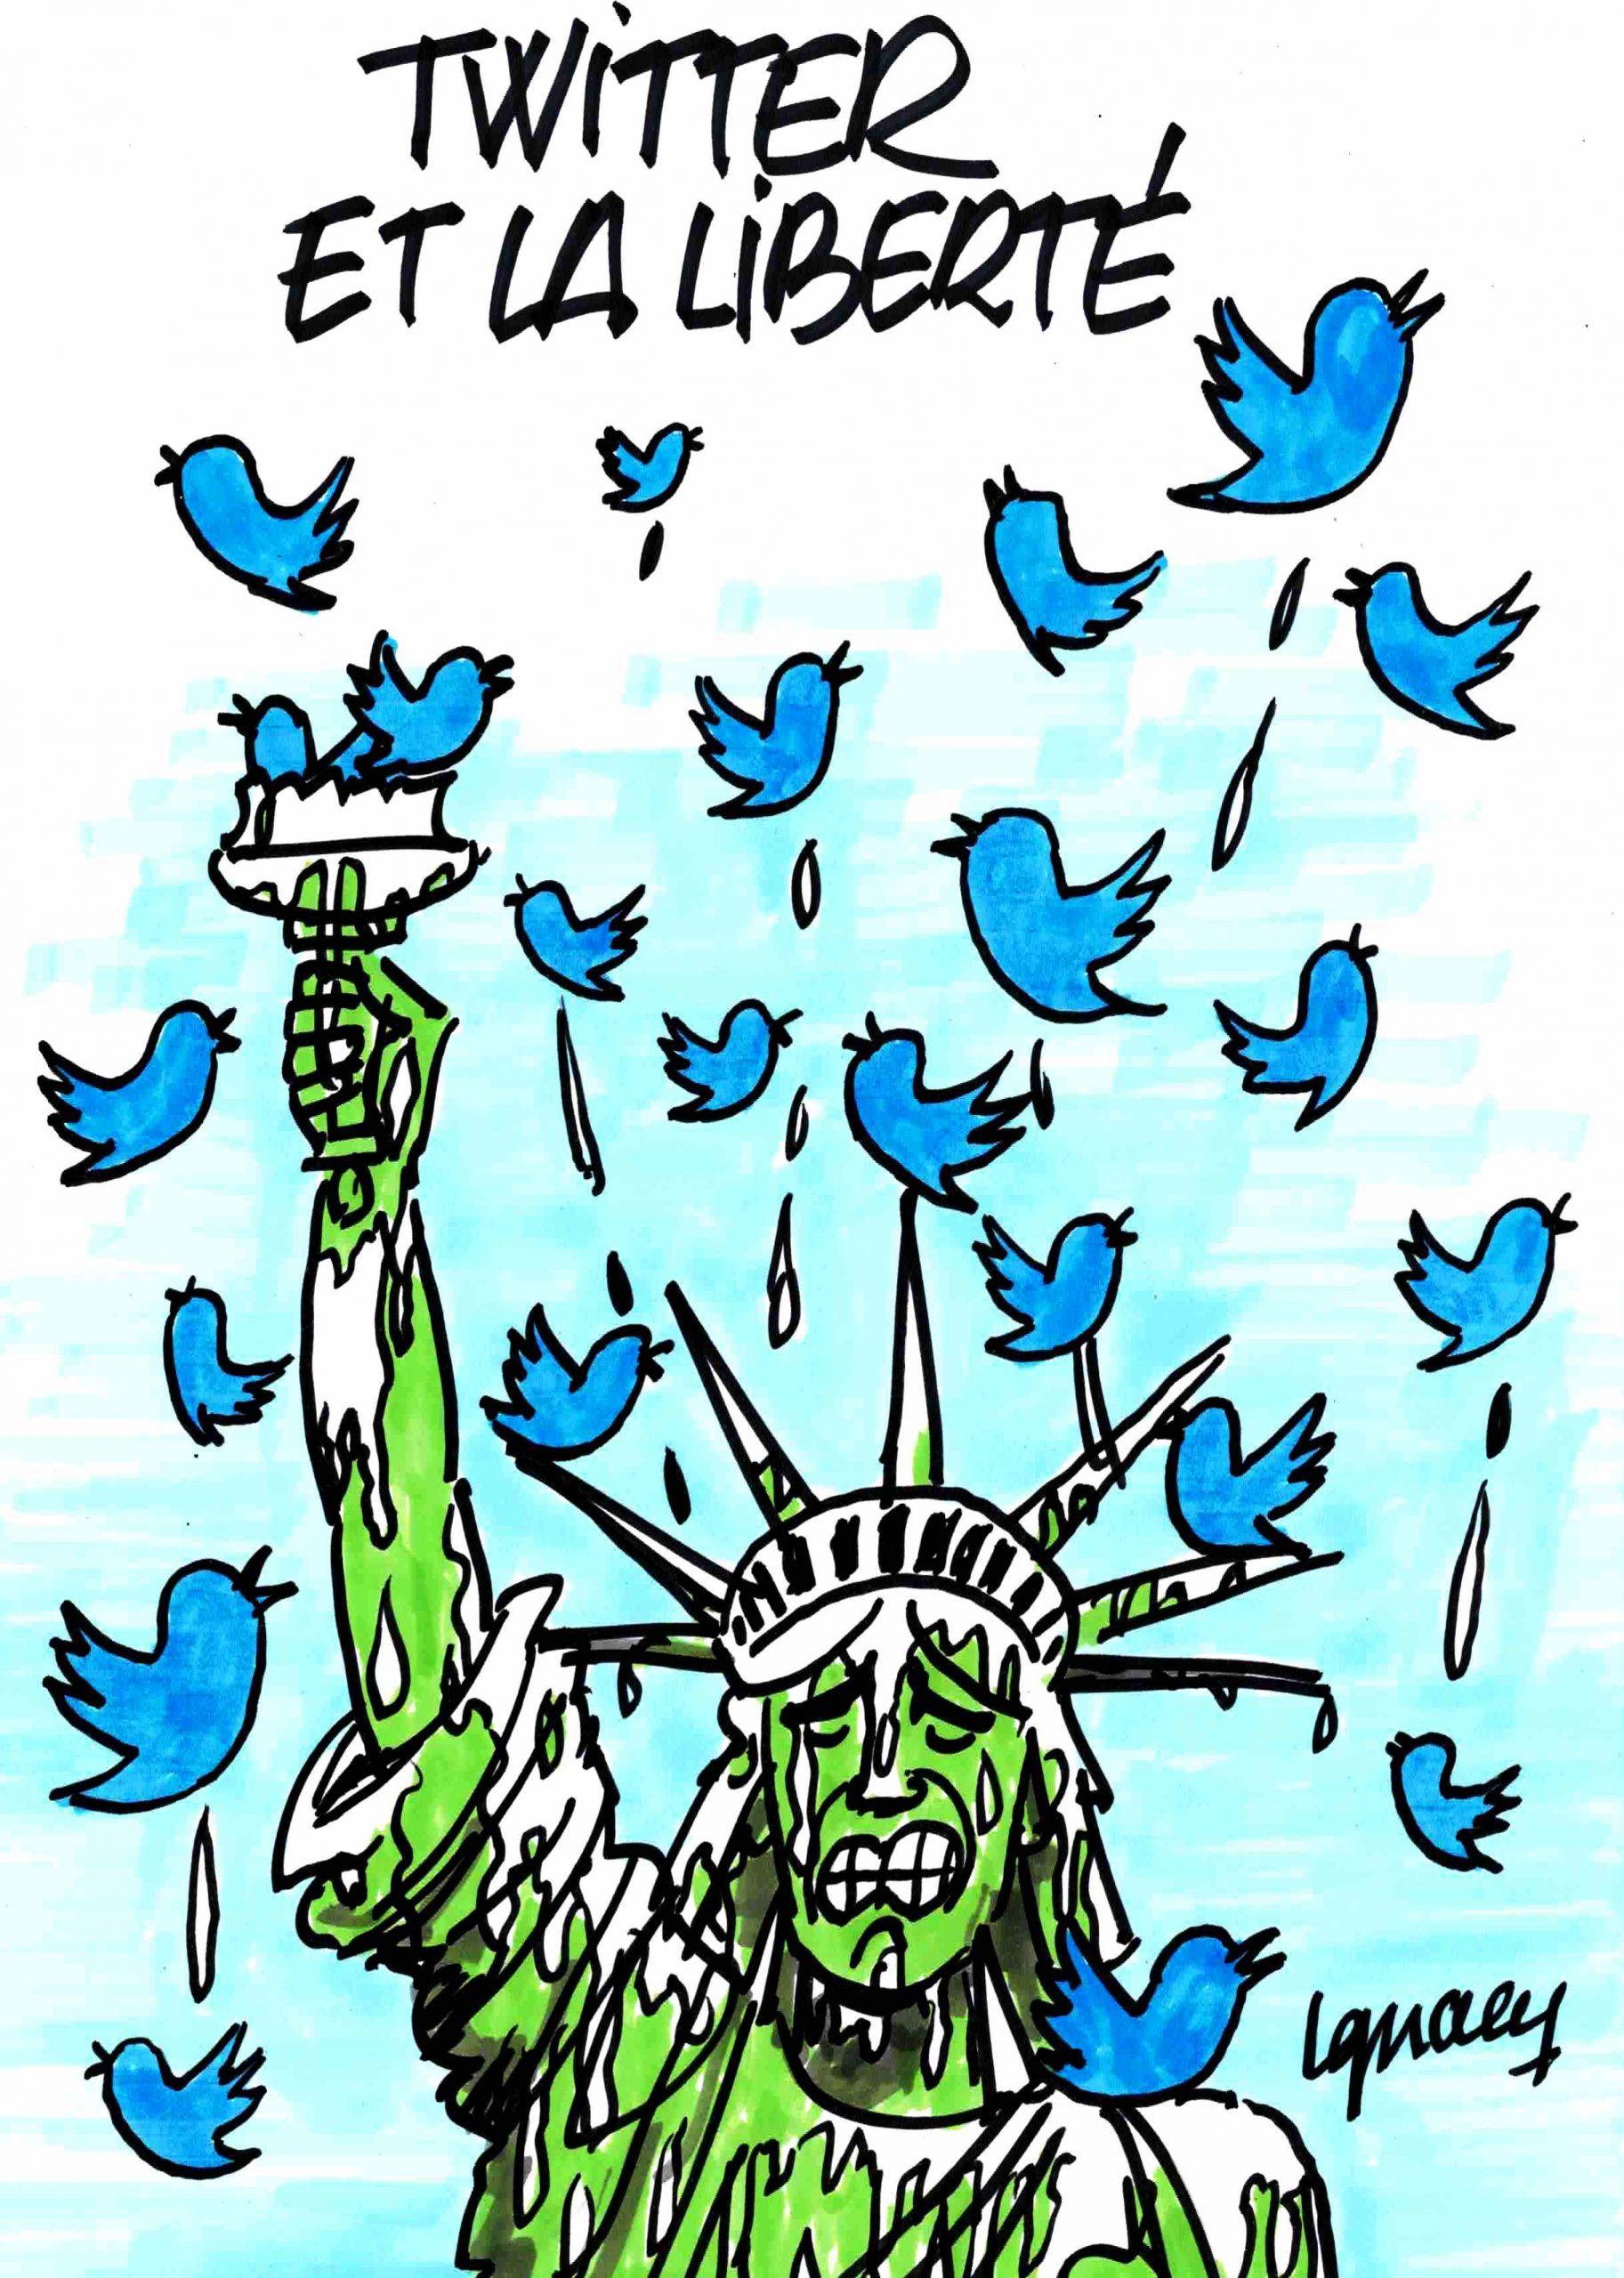 Ignace - Twitter et la liberté